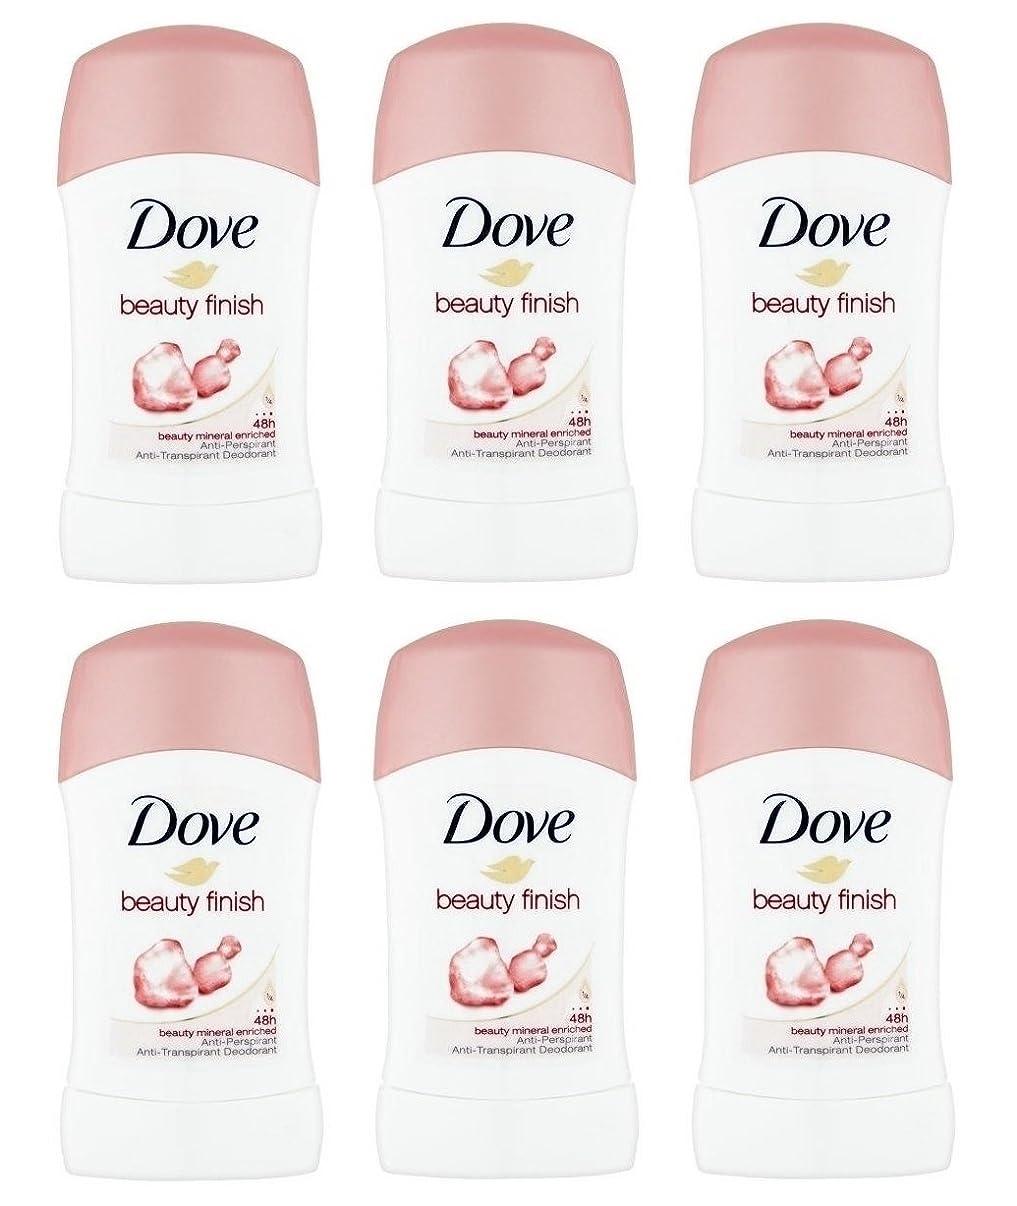 傑作抑制する懐疑的(Pack of 6) Dove Beauty Finish Anti-perspirant Deodorant Stick for Women 6x40ml -(6パック)ドーブ美しさ仕上げ制汗剤デオドラント女性のためのスティック